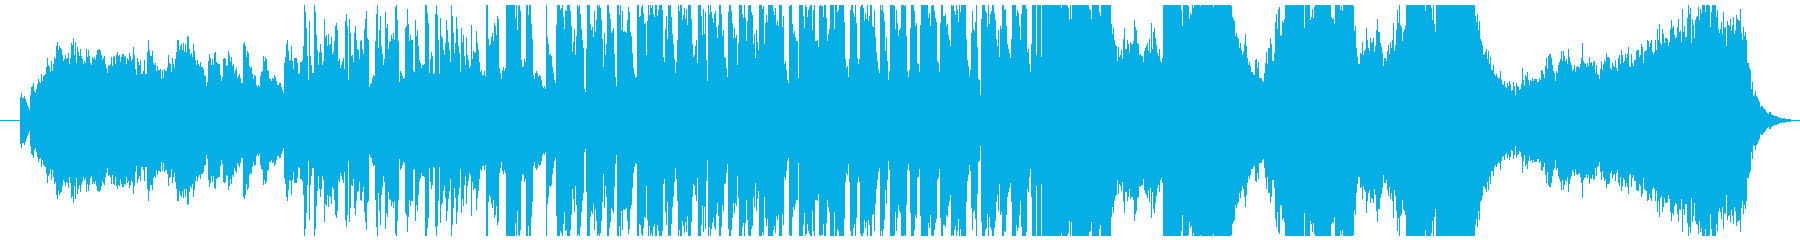 ハロウィン・かわいいホラー曲(ループ)の再生済みの波形